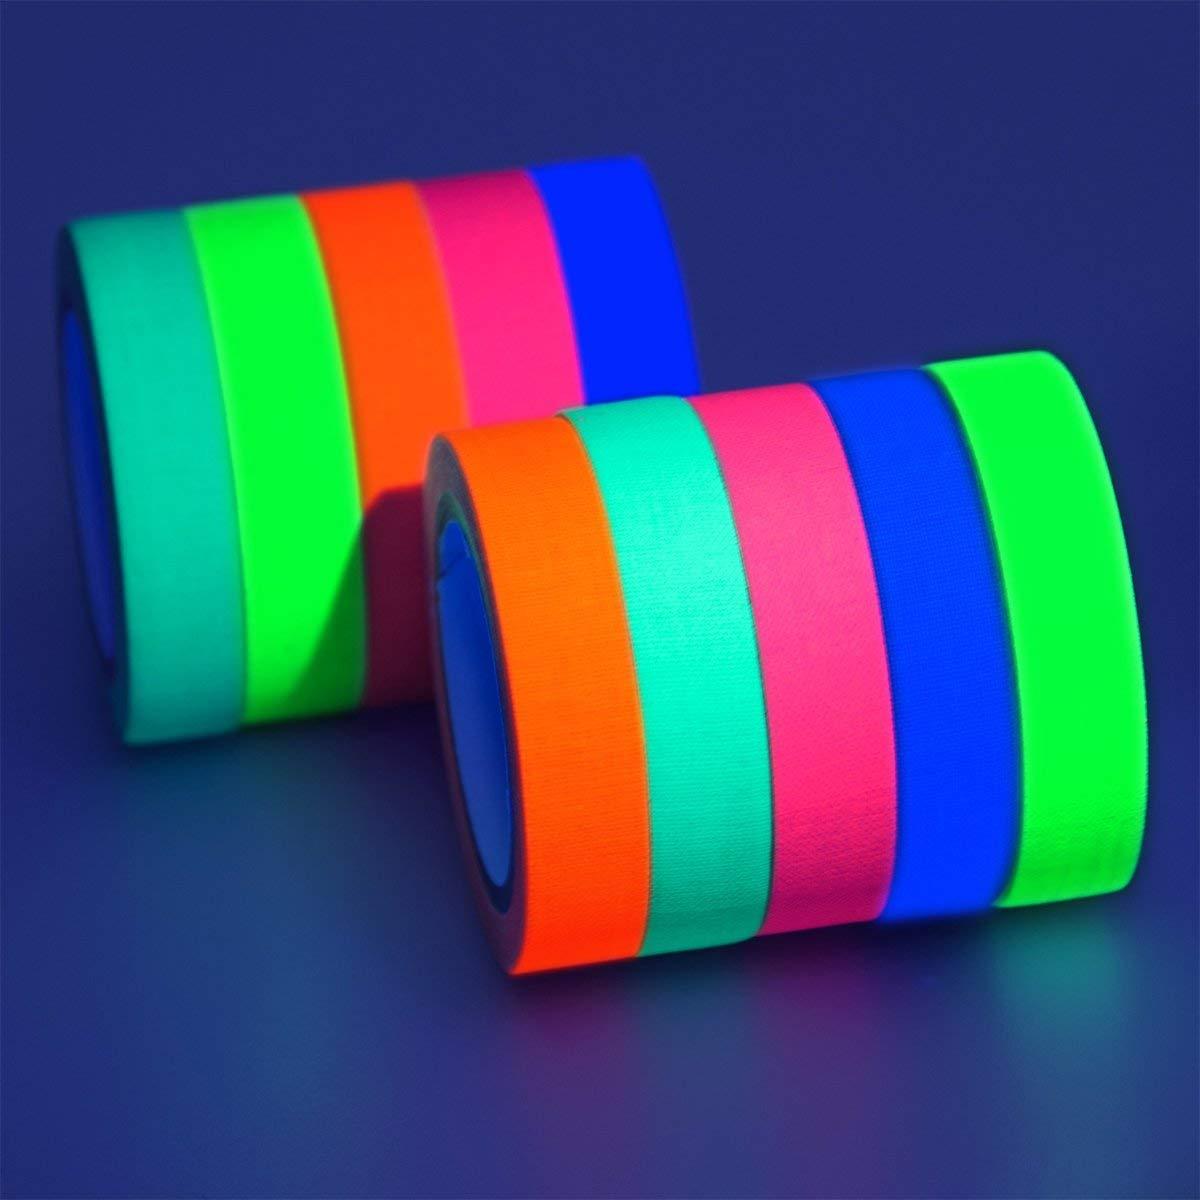 Gigalumi 10-pack UV lumière noire Reactive brillent dans le noir, du ruban Fluo ruban adhésif (.5dans X 16,5Pieds) 6849